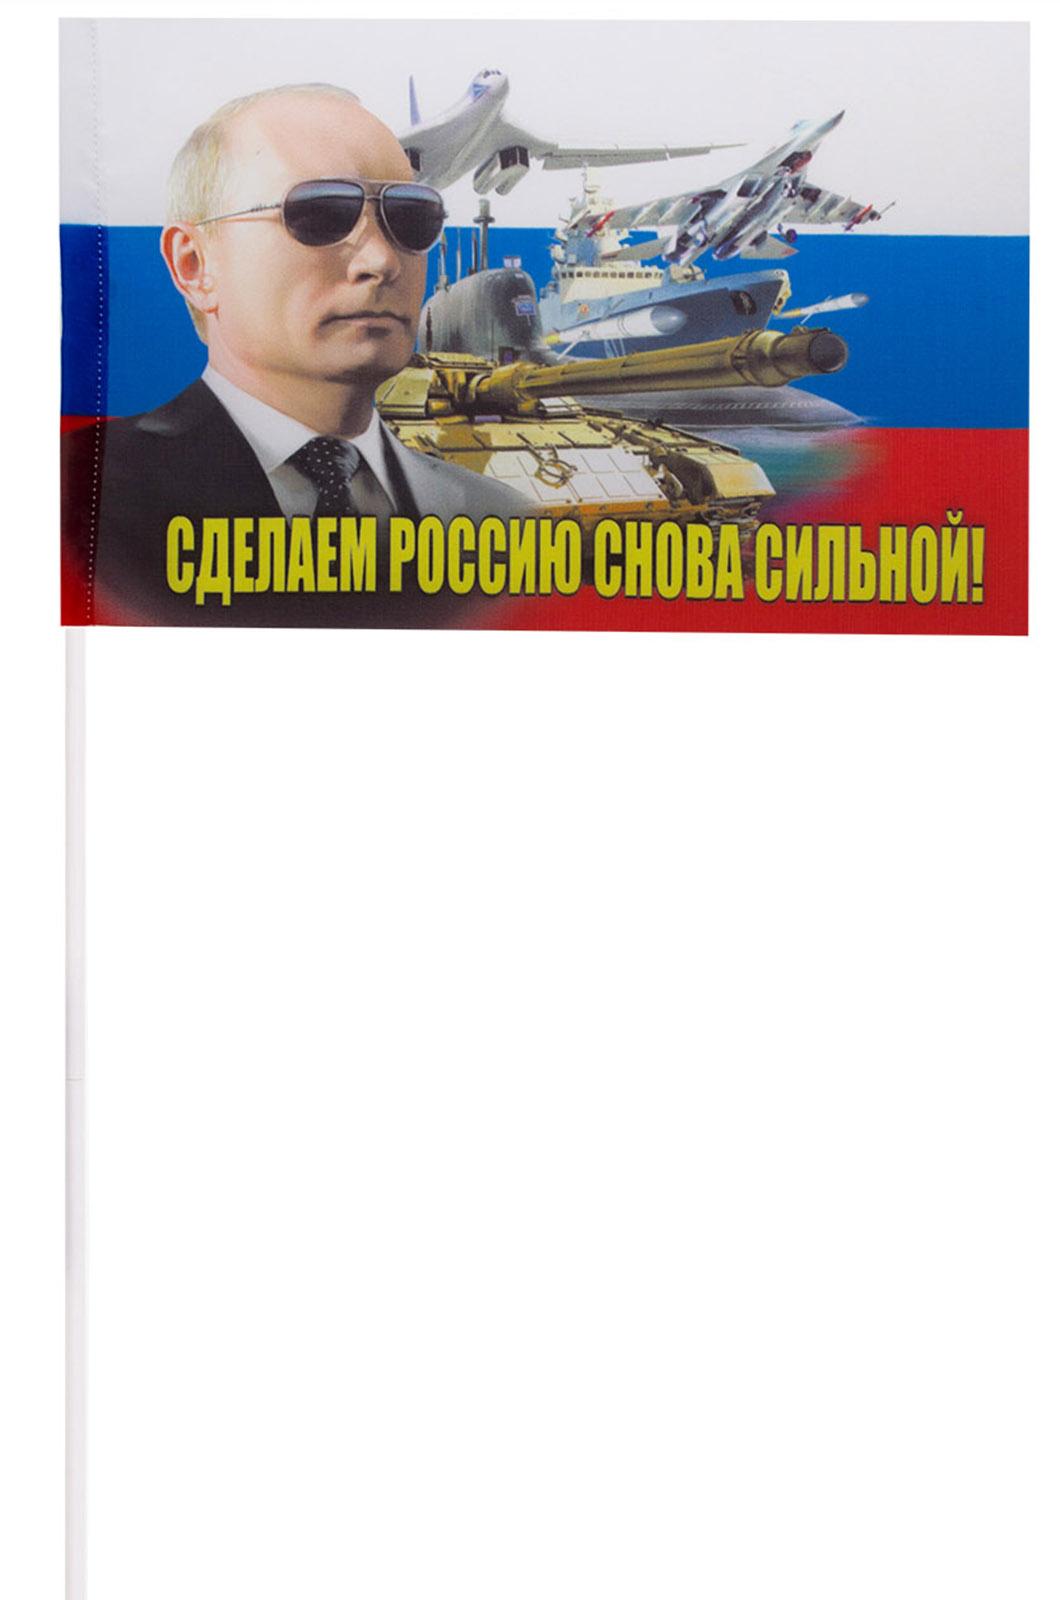 Флажок с фото Путина